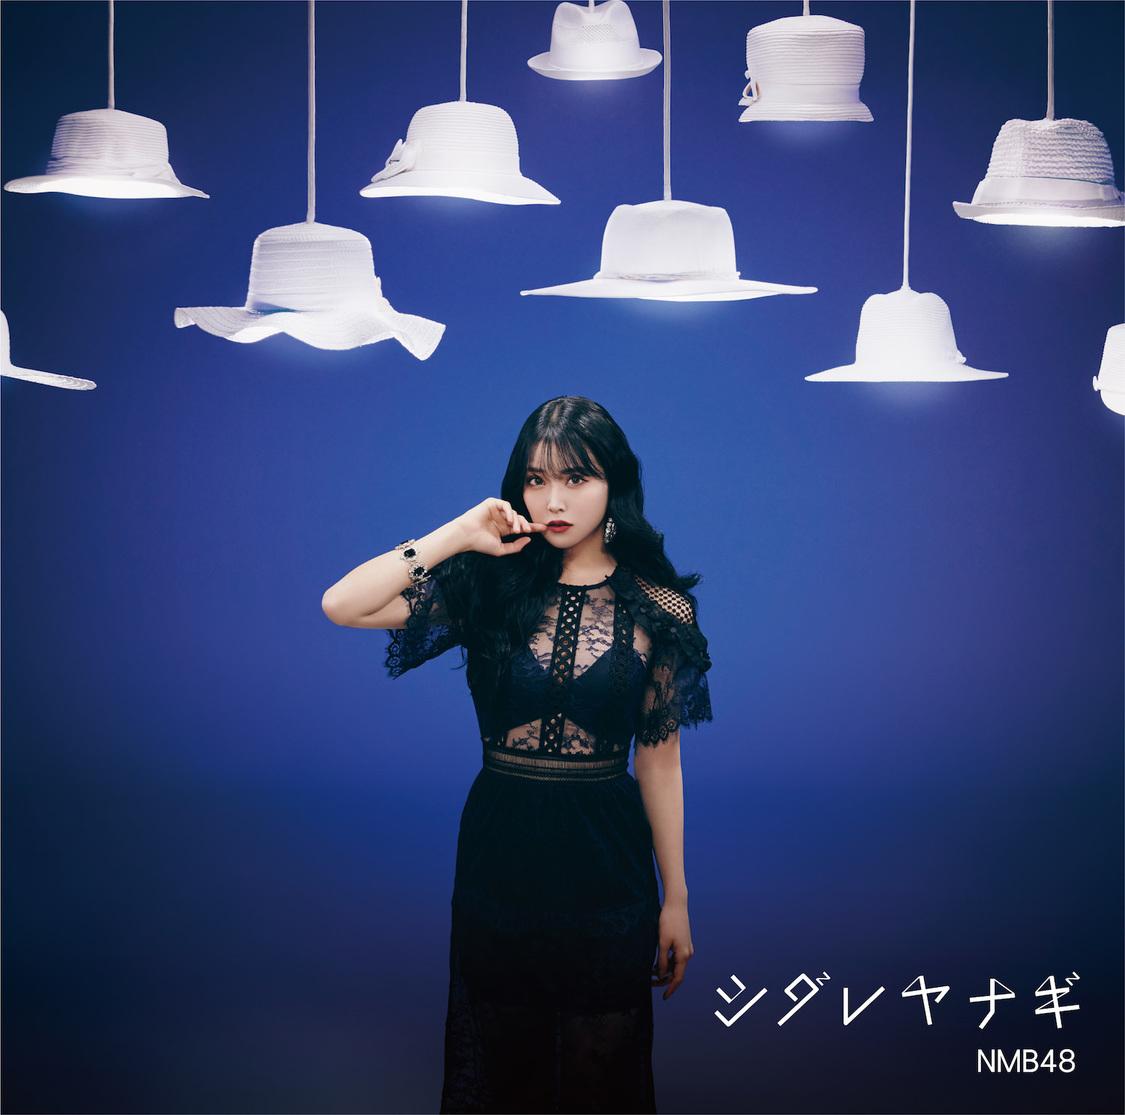 「シダレヤナギ」劇場盤(©NMB48)